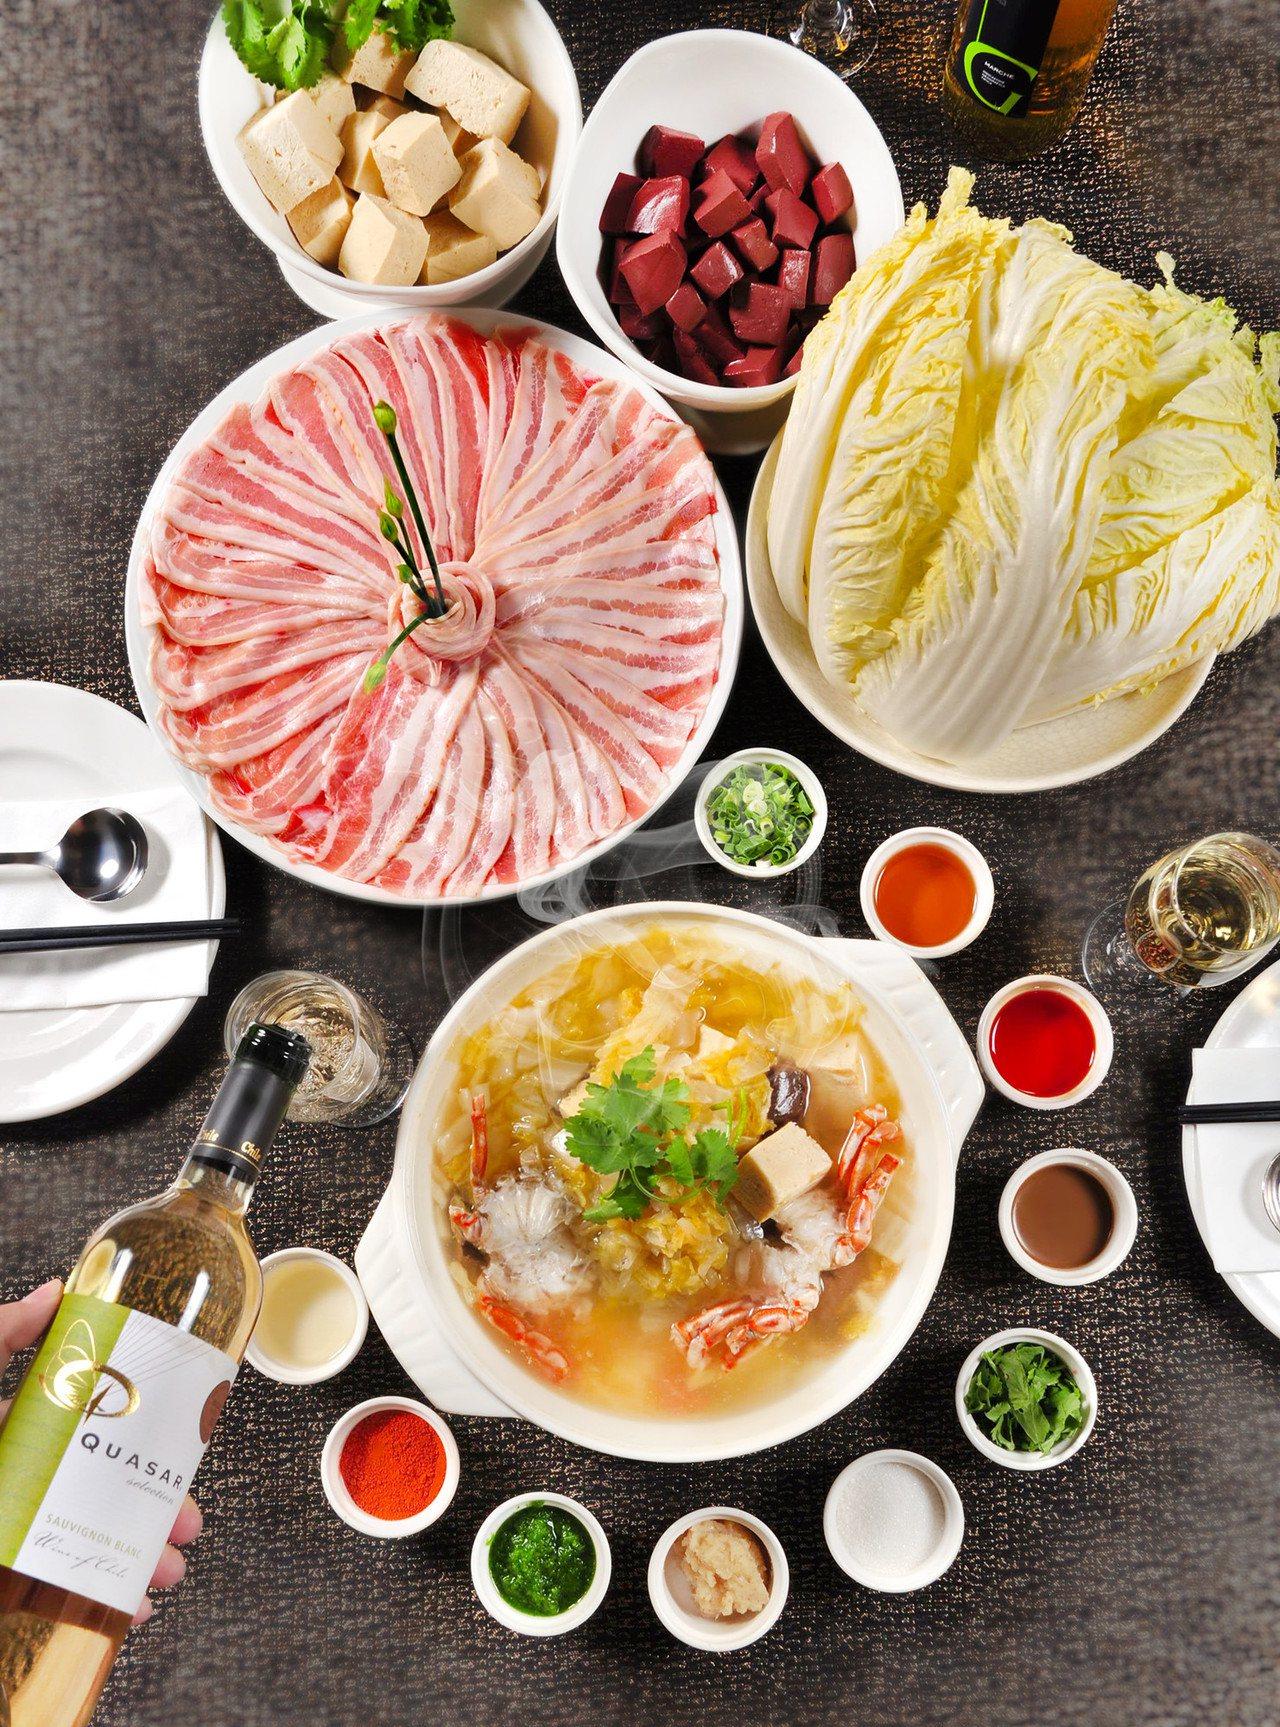 酸菜白肉鍋酒食新搭法。圖/台北凱撒提供